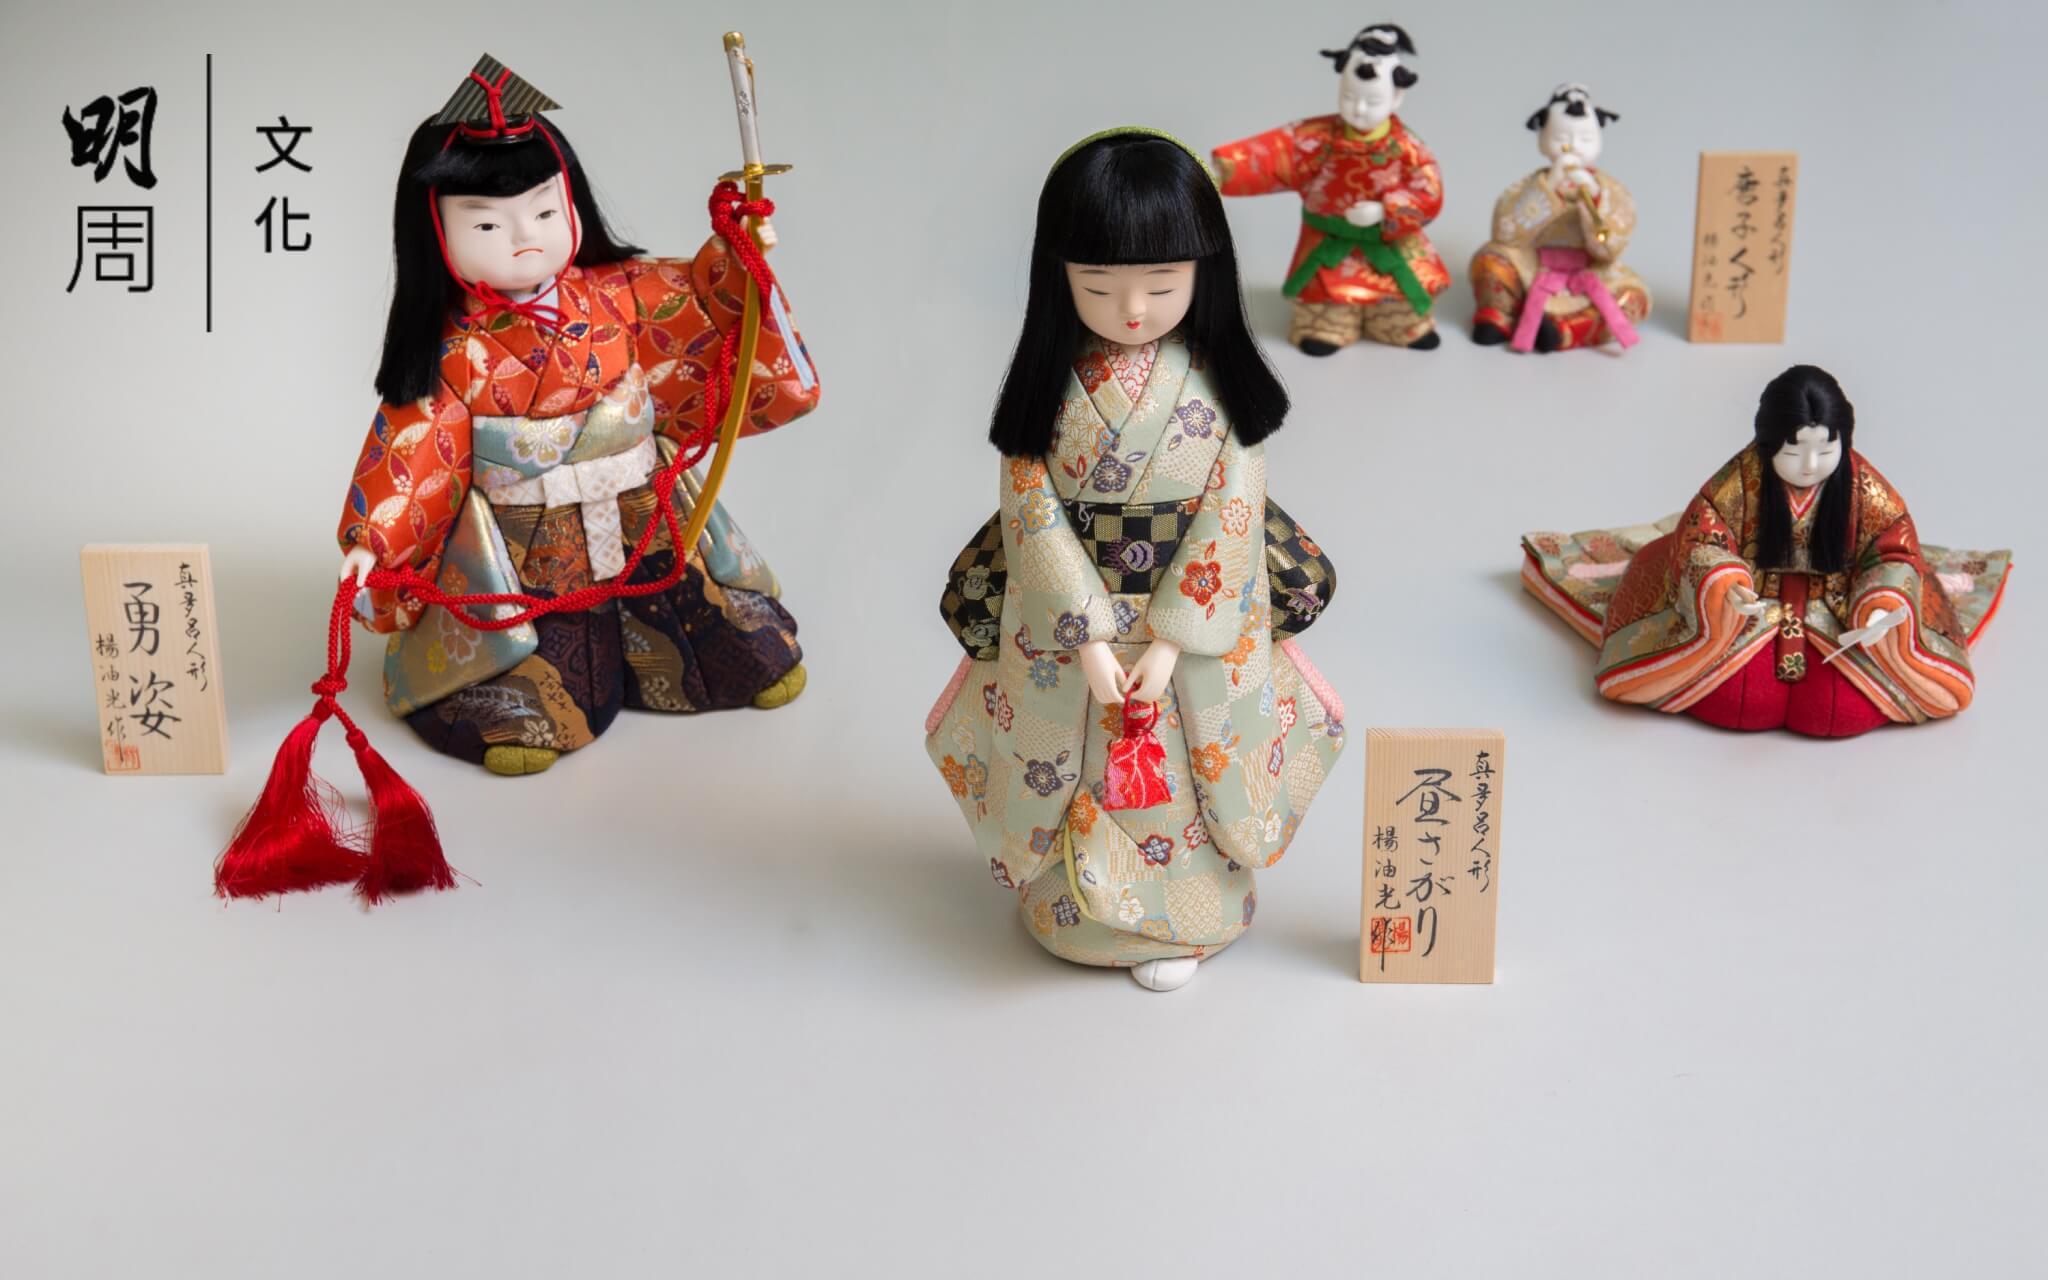 日本傳統人形做法多樣,其中木目込人形的歷史可追溯至江戶元文年間,由京都上賀茂神社的高橋忠重所創。